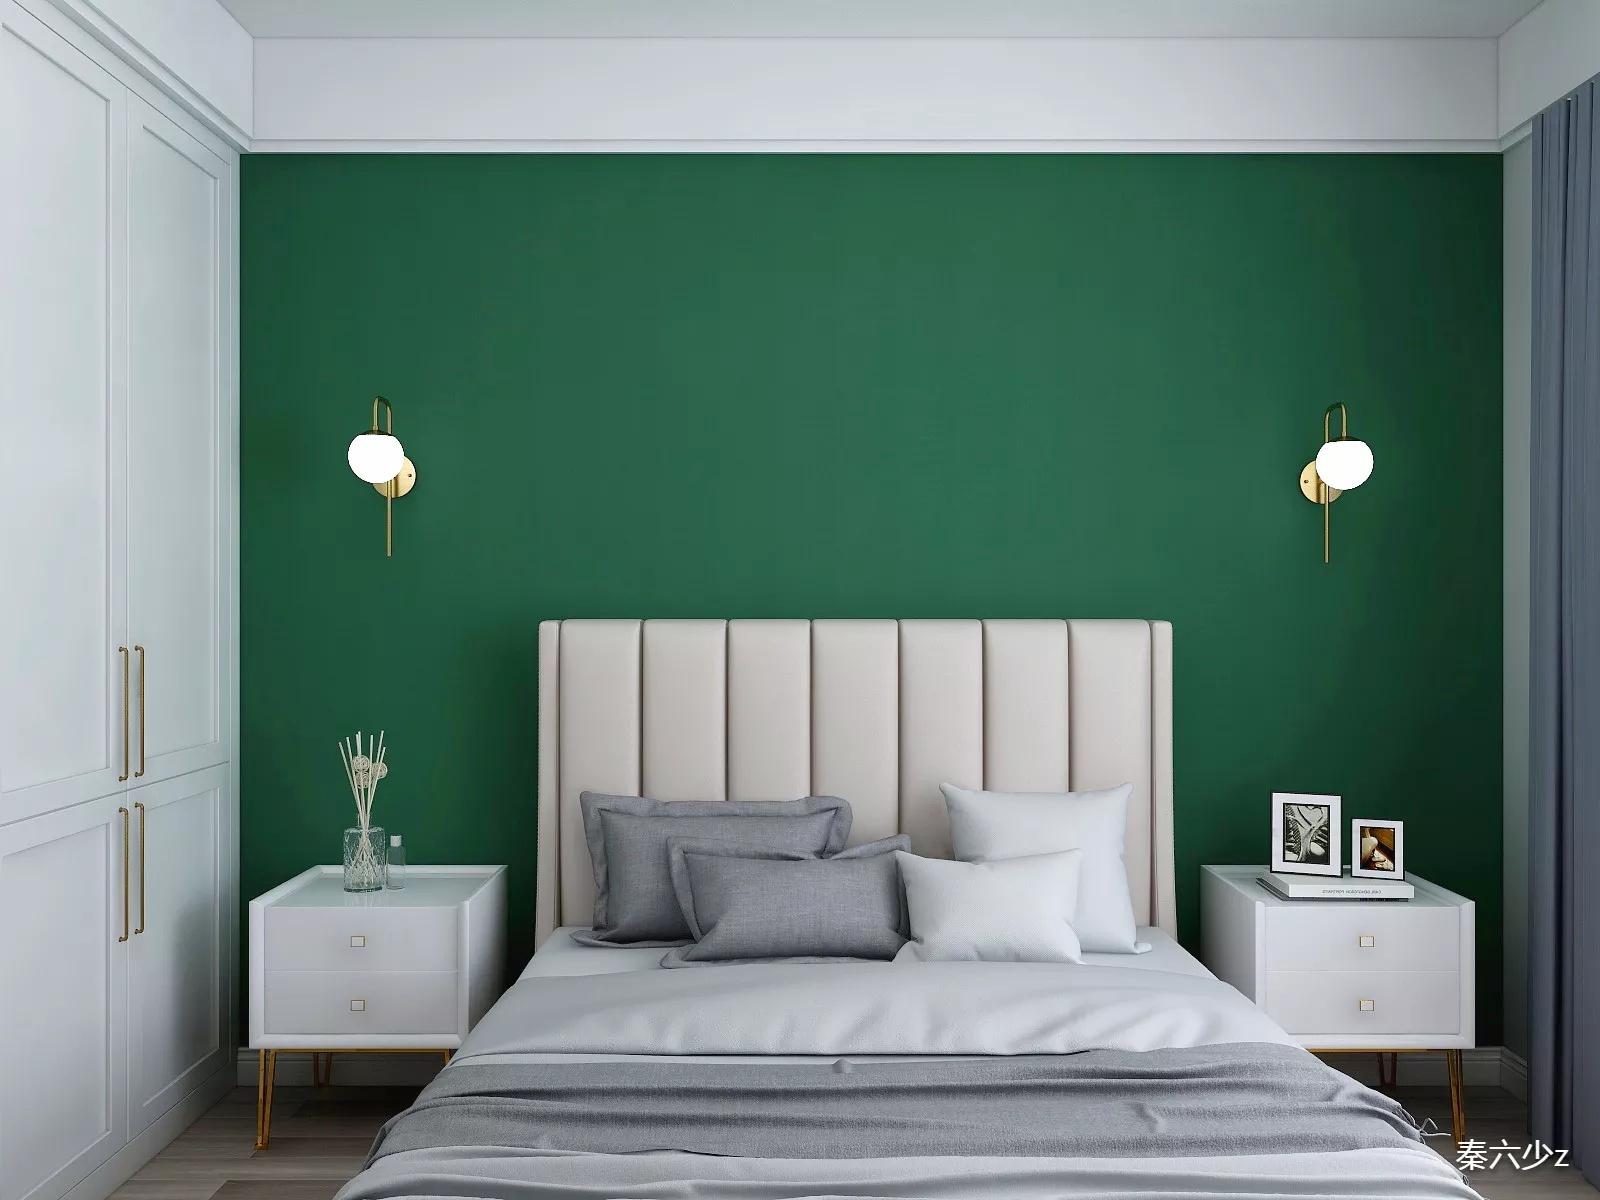 自然异域风情北欧风宜家风混搭公寓装修效果图